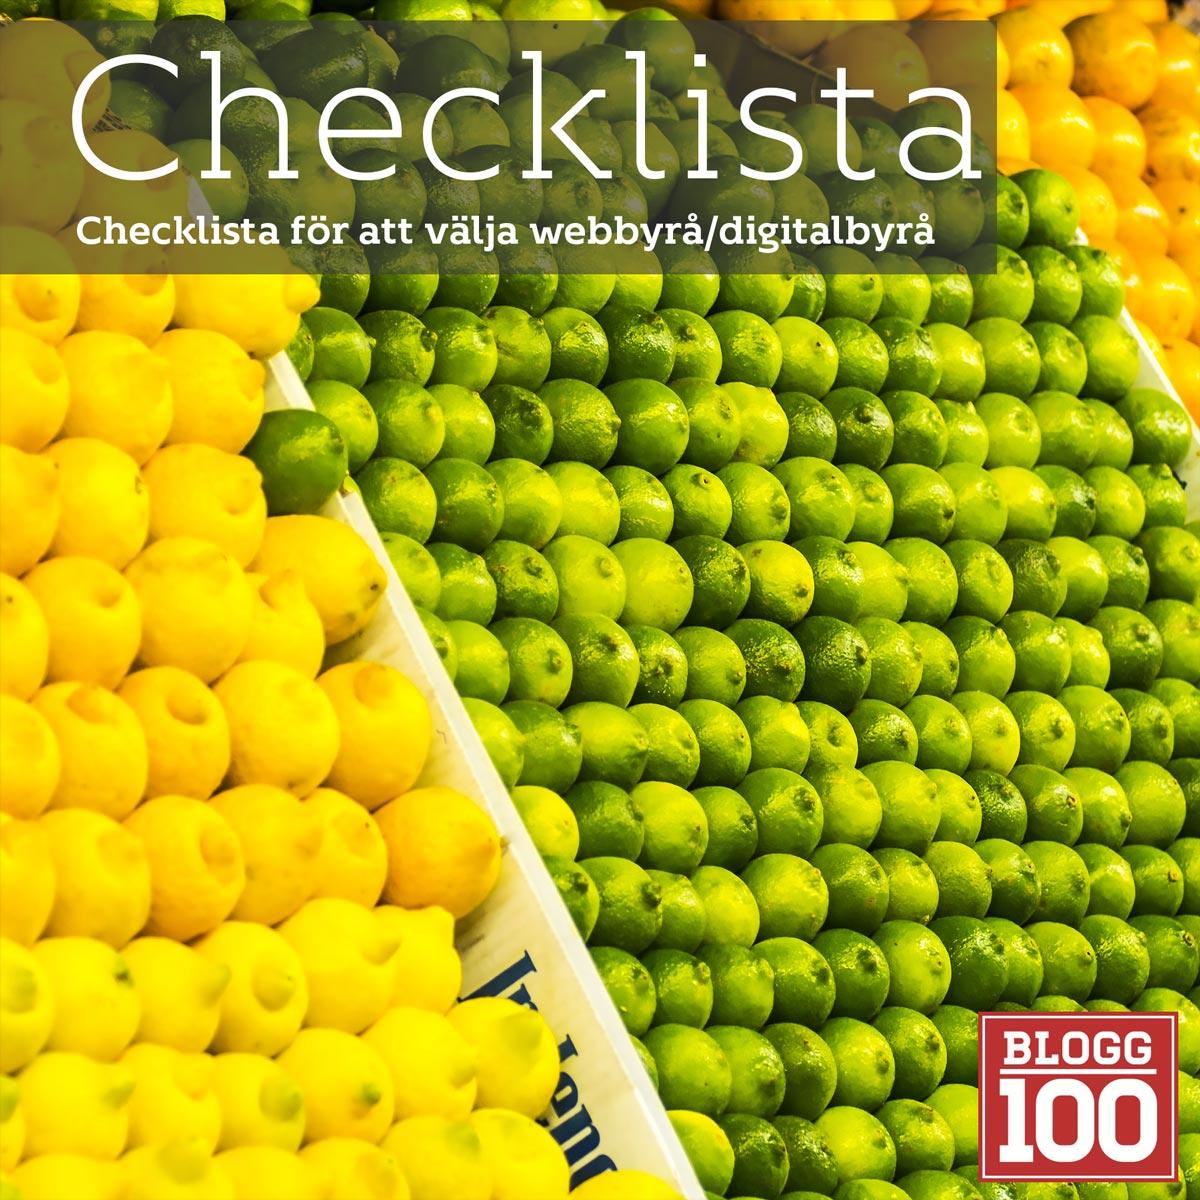 En enkel checklista för att välja rätt digital/webbyrå #blogg100 #fb